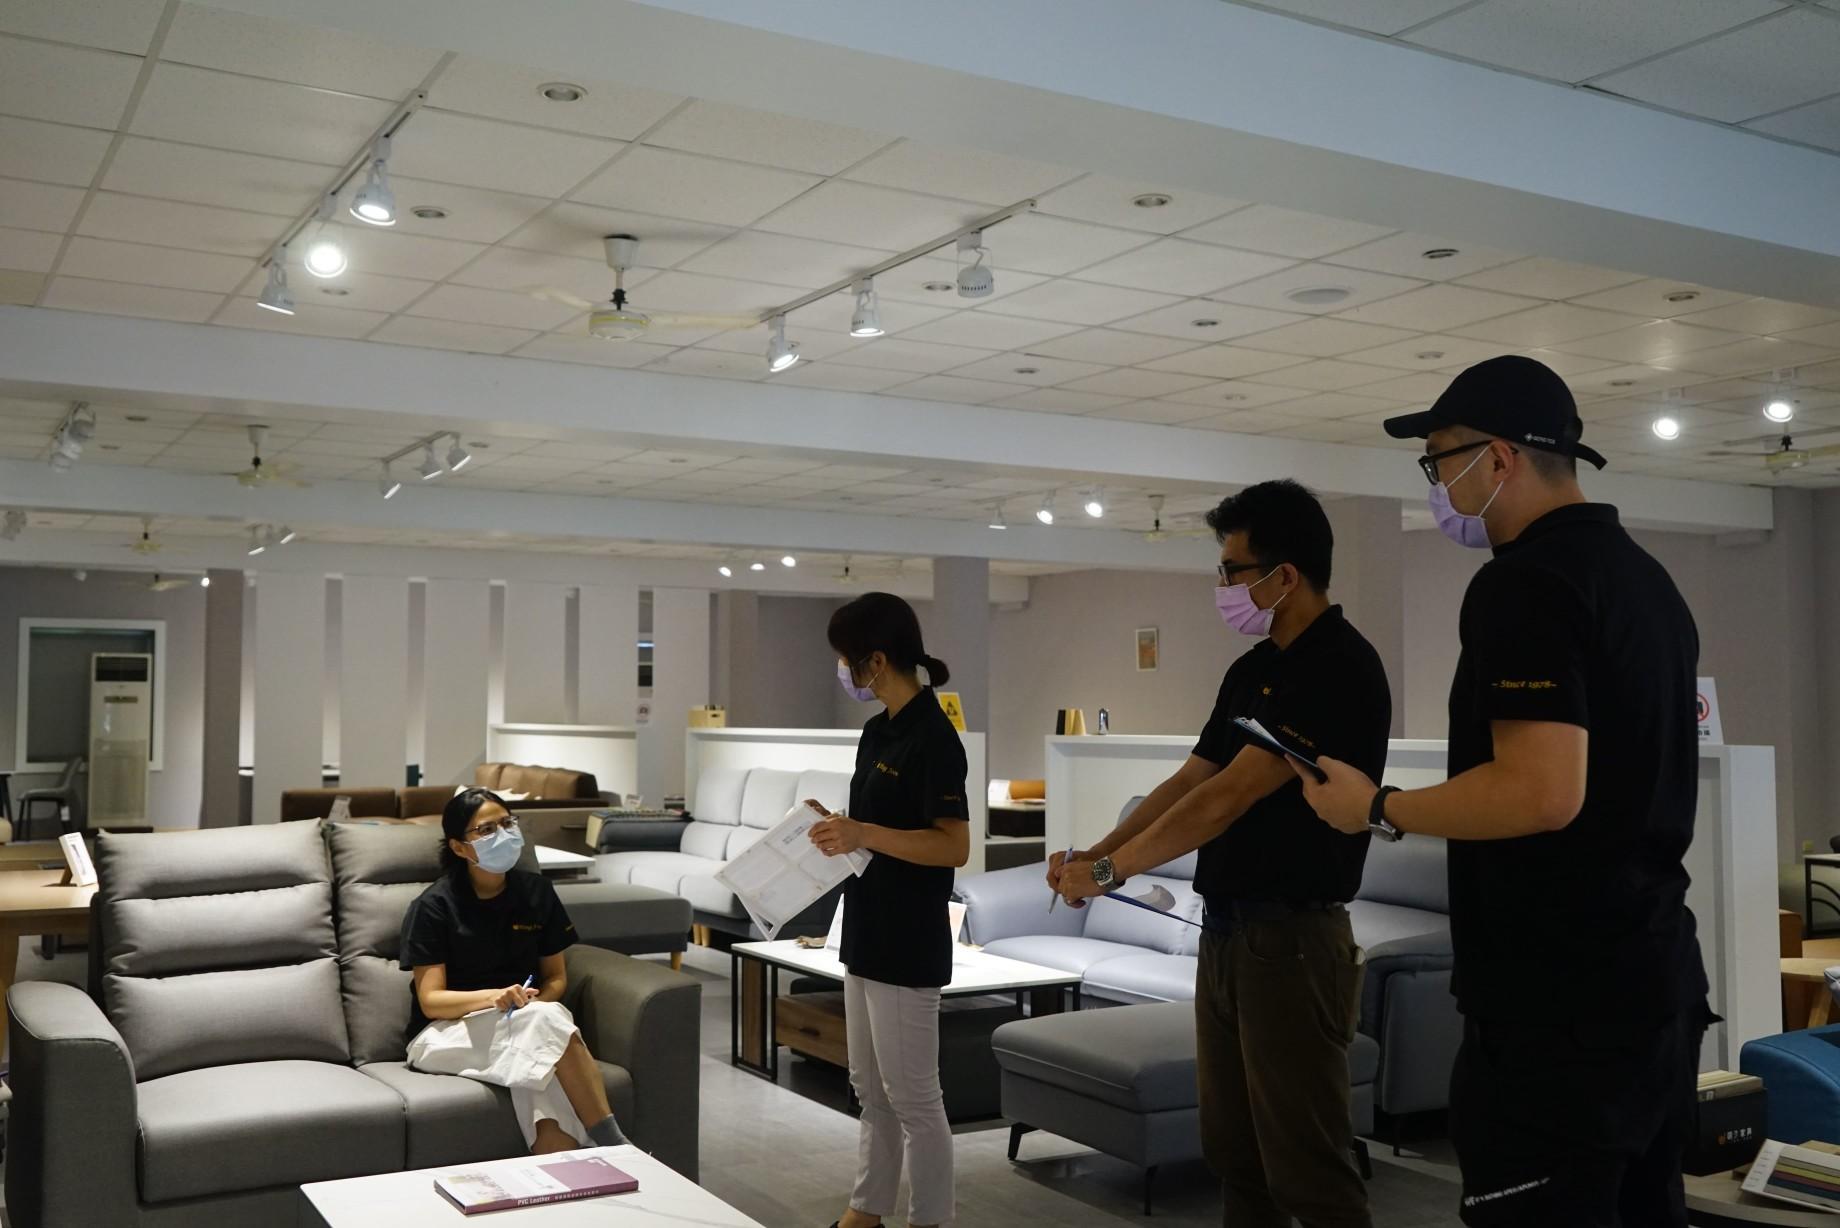 明久家具台南店專業顧問團隊,為您推薦台南最適合您的家具產品!